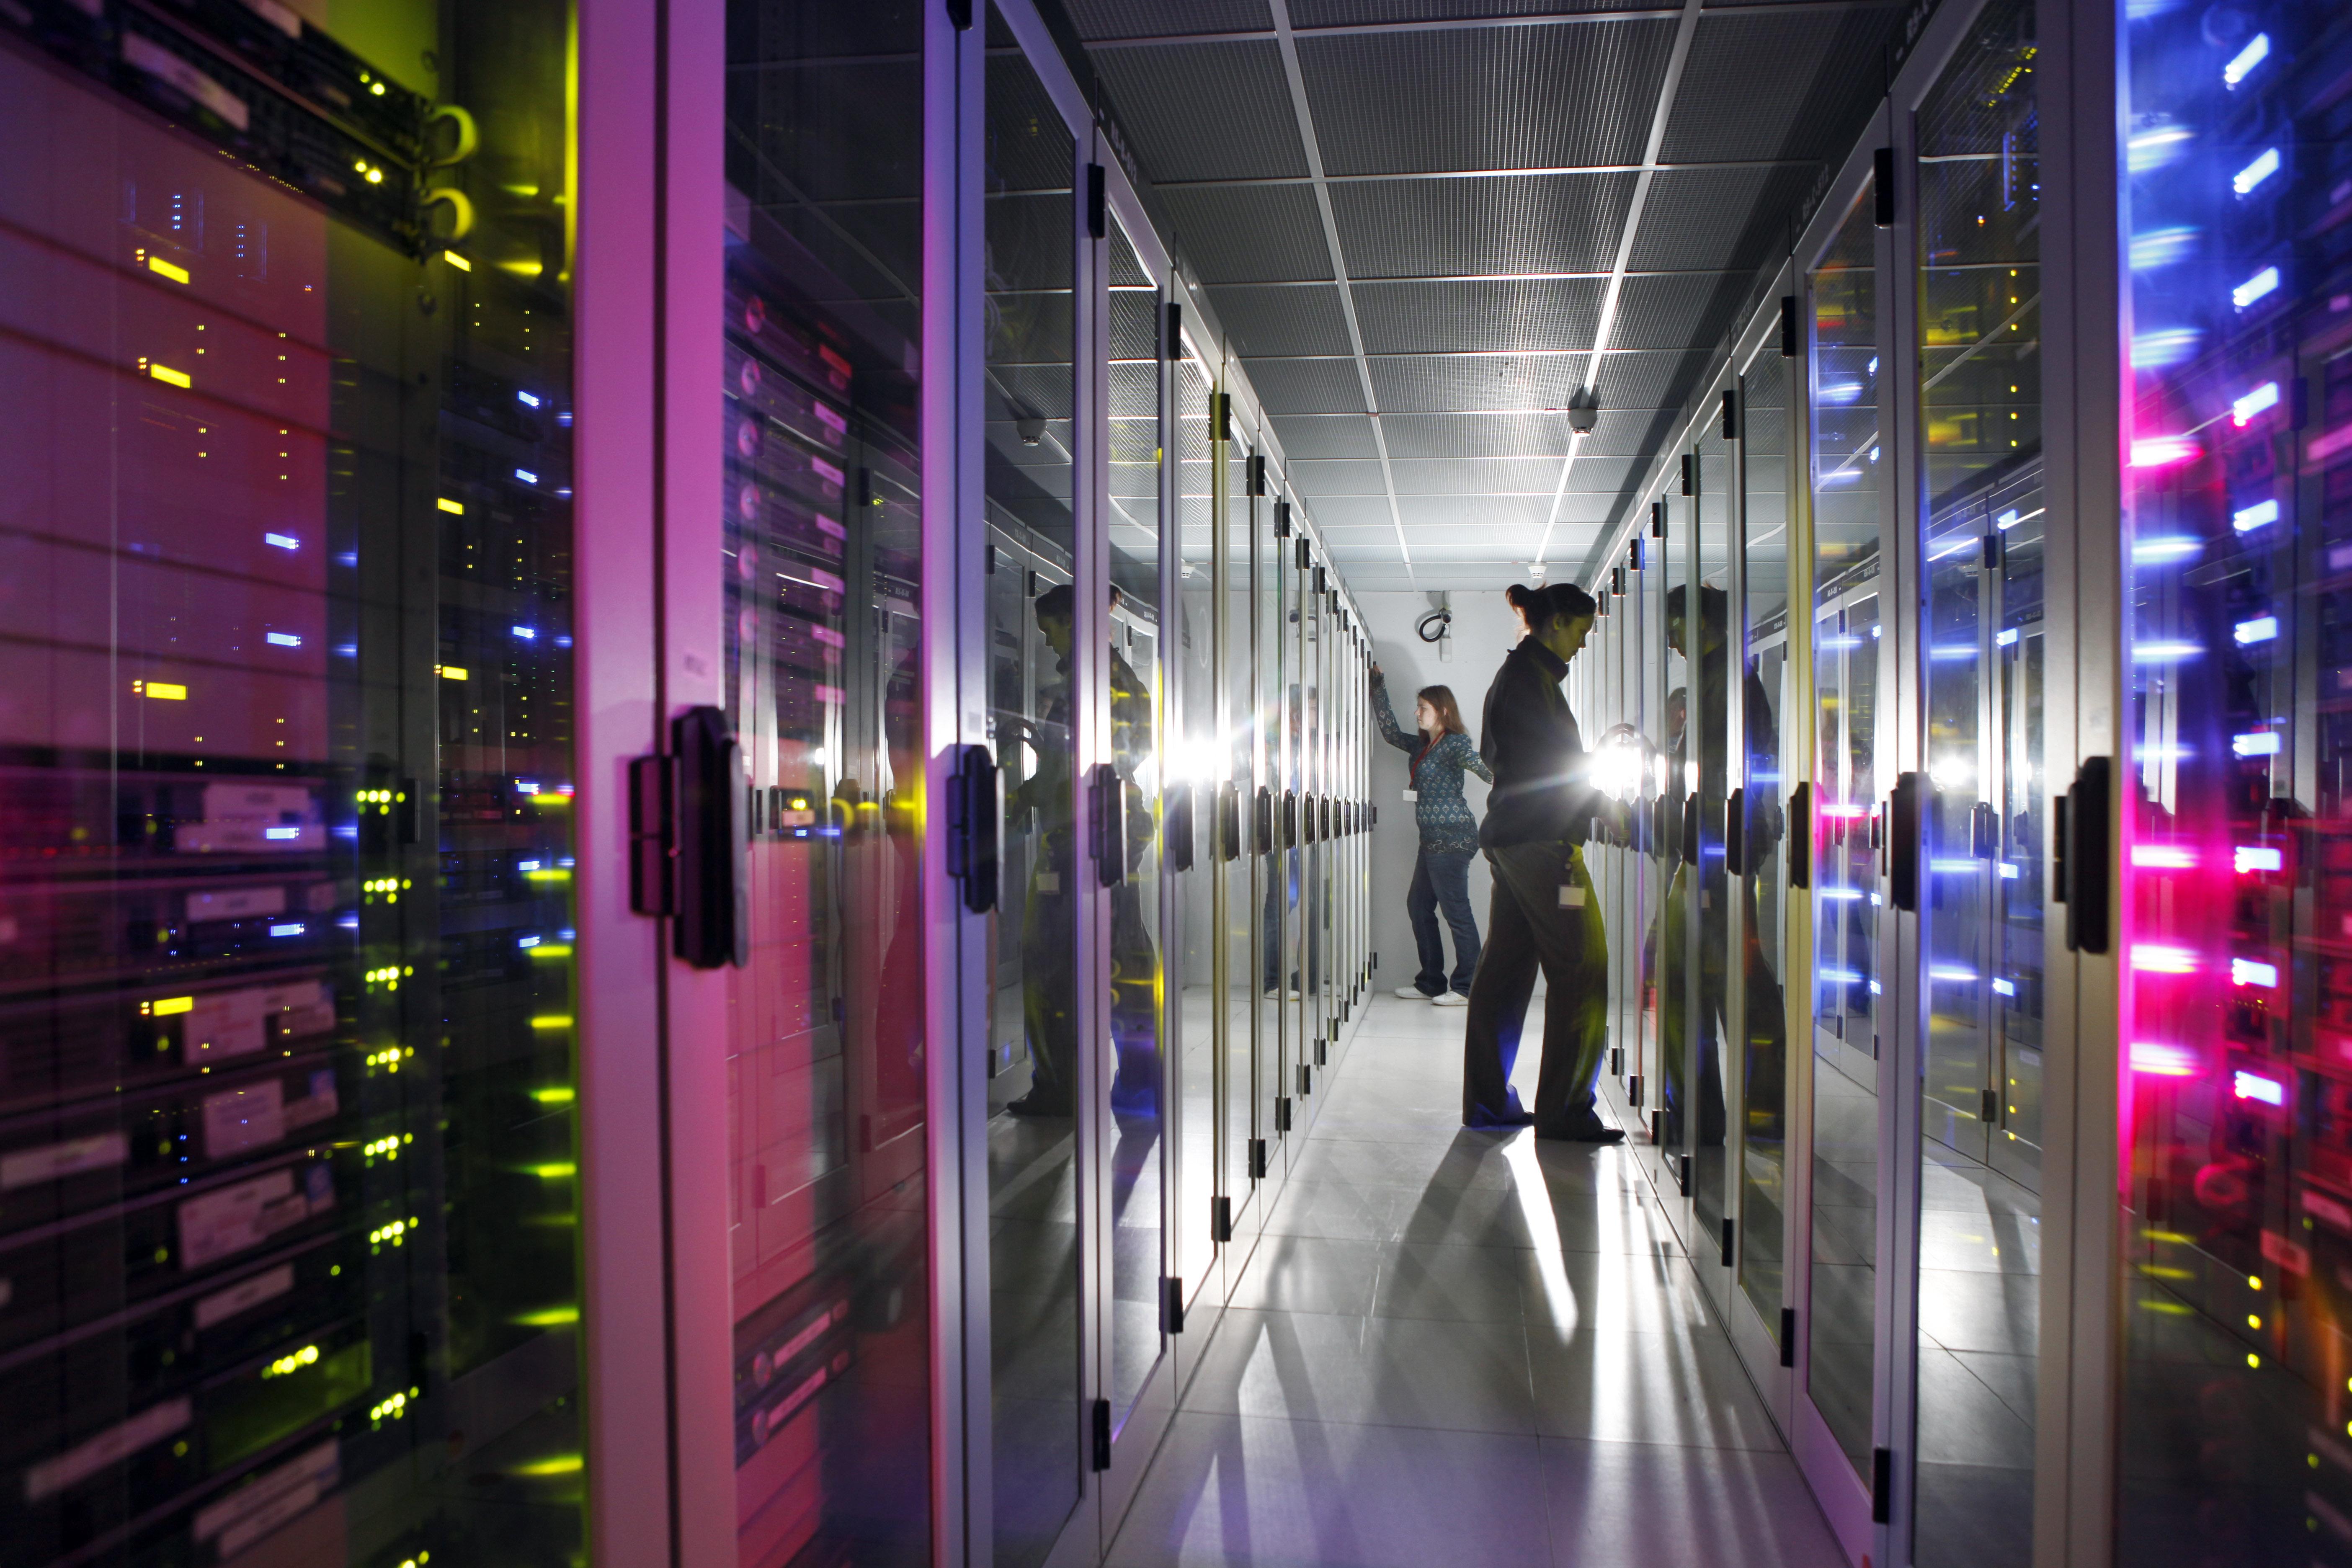 1&1 Data Center